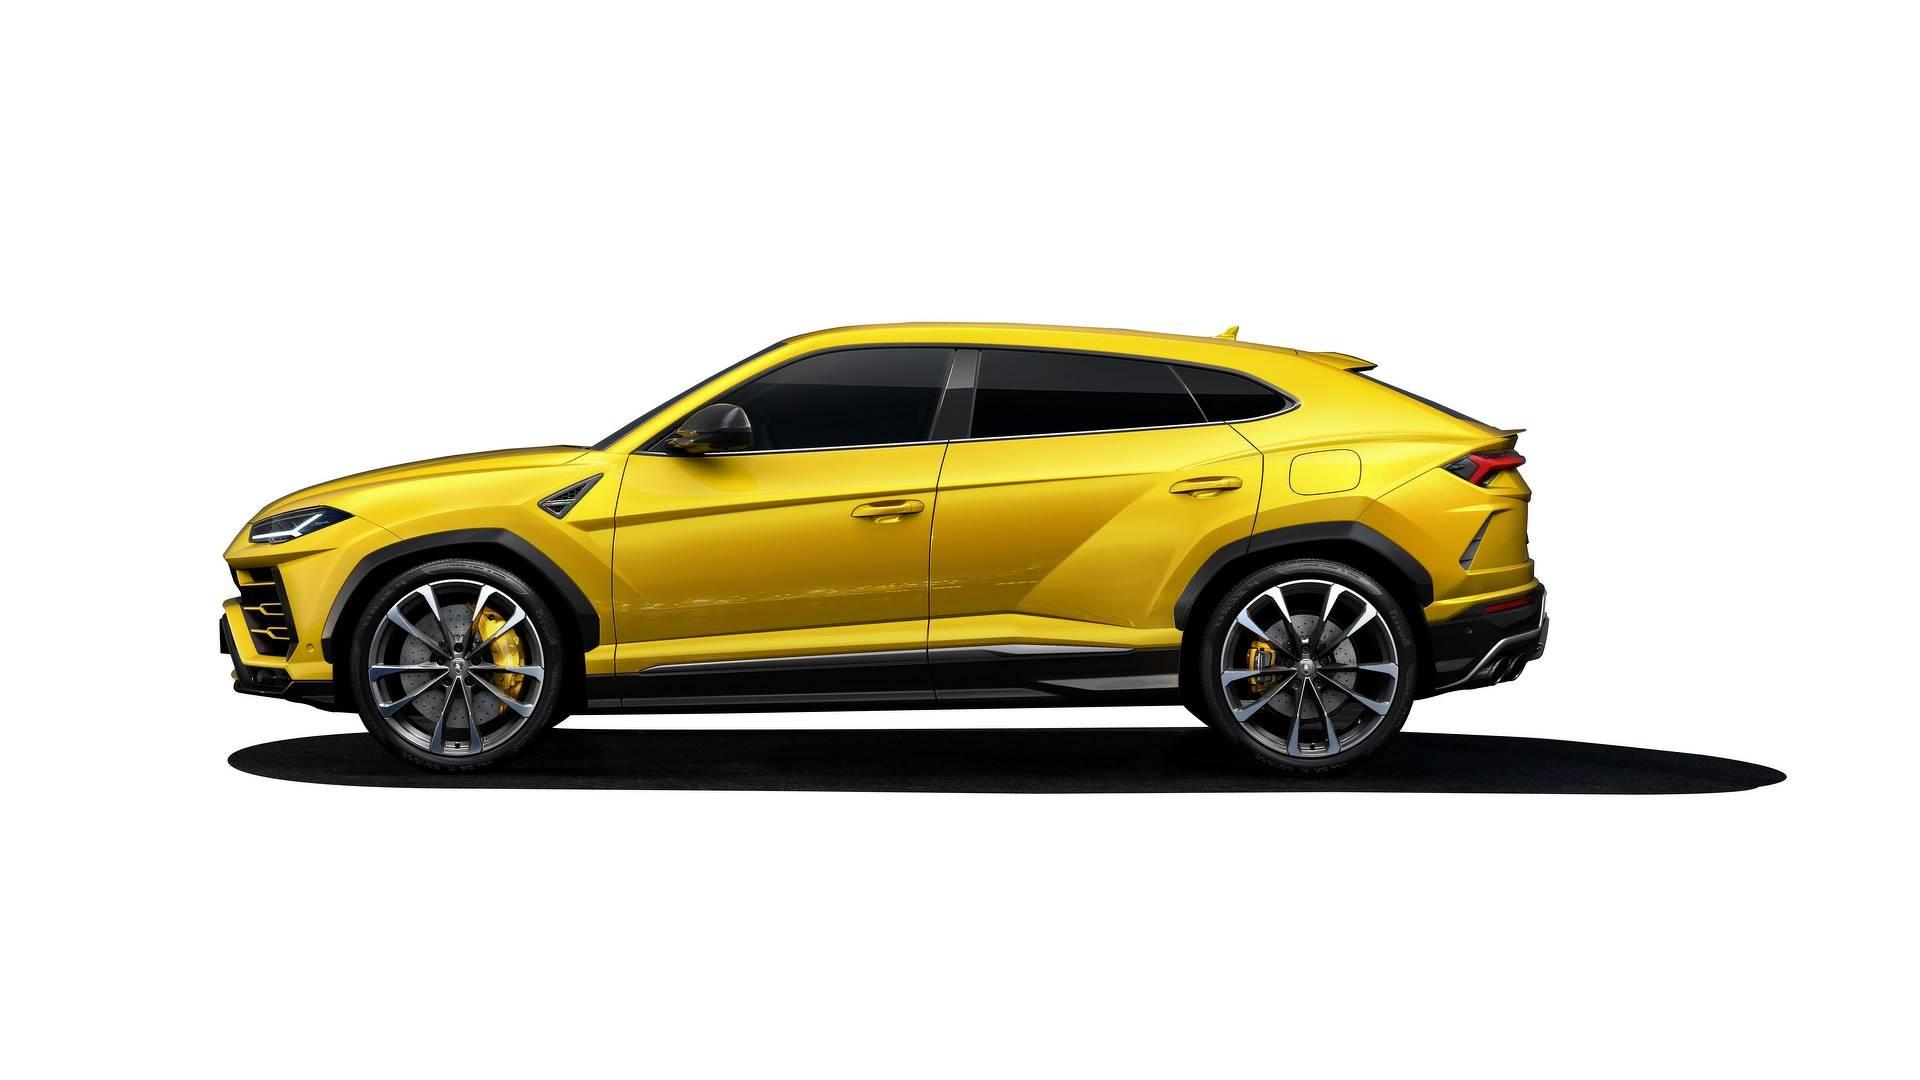 Urus Lamborghini >> Lamborghini Urus revealed